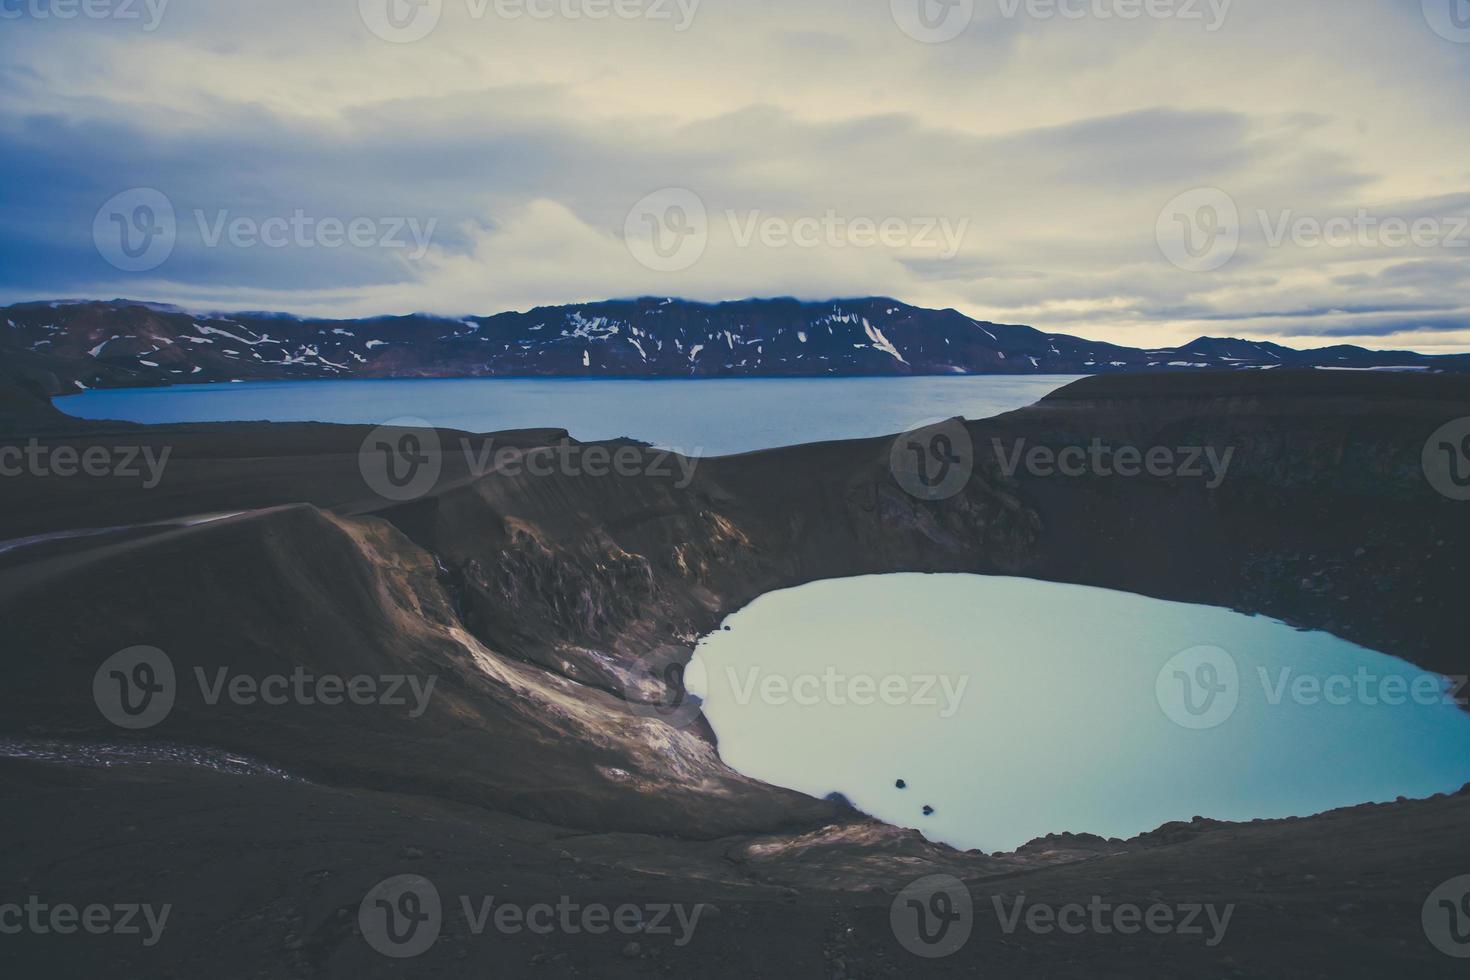 famoso vulcão islandês, cratera Askja no verão foto